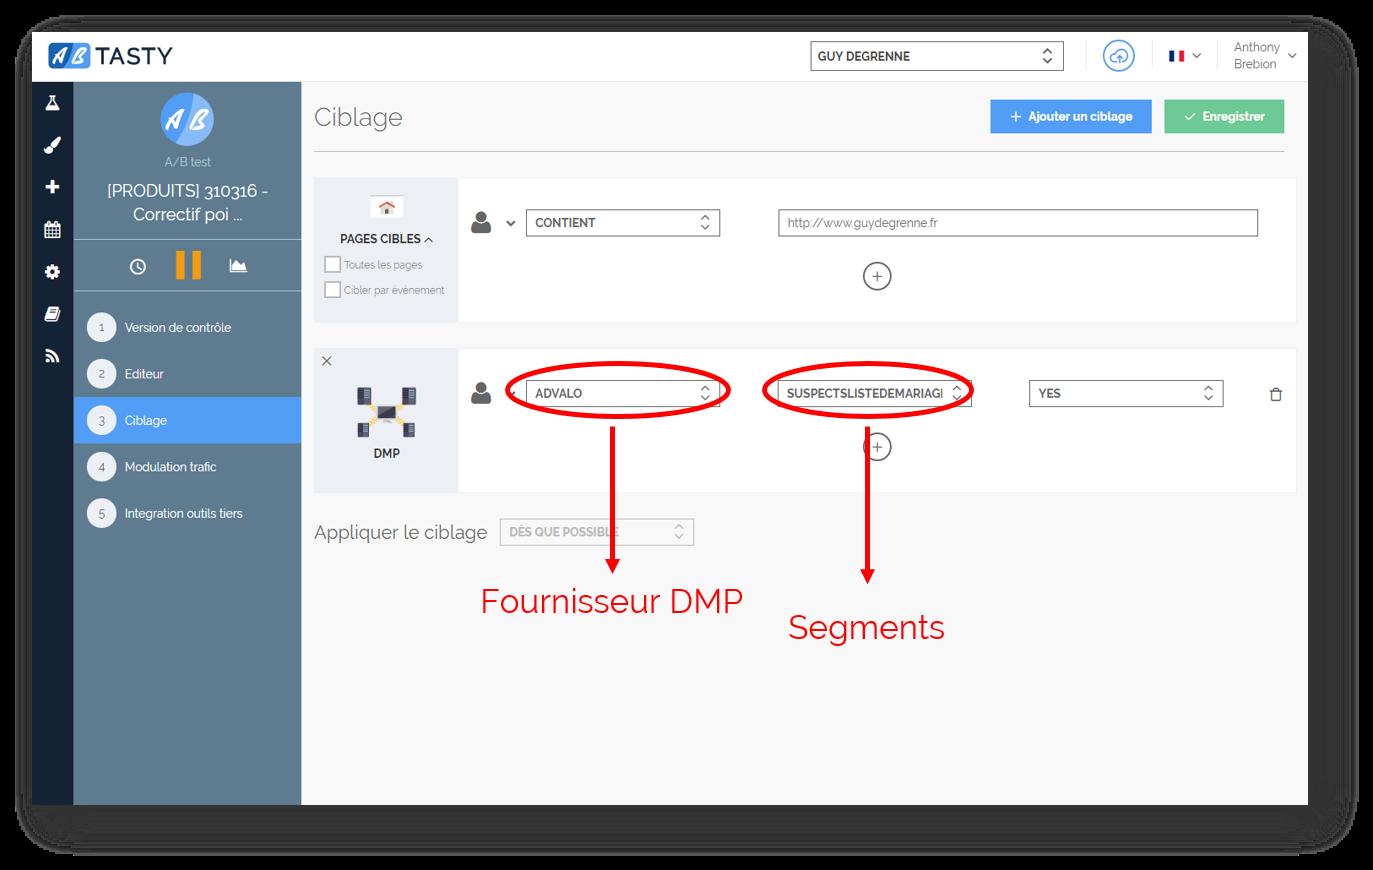 scenarios-de-personnalisation-enrichis-grâce-aux-DMP